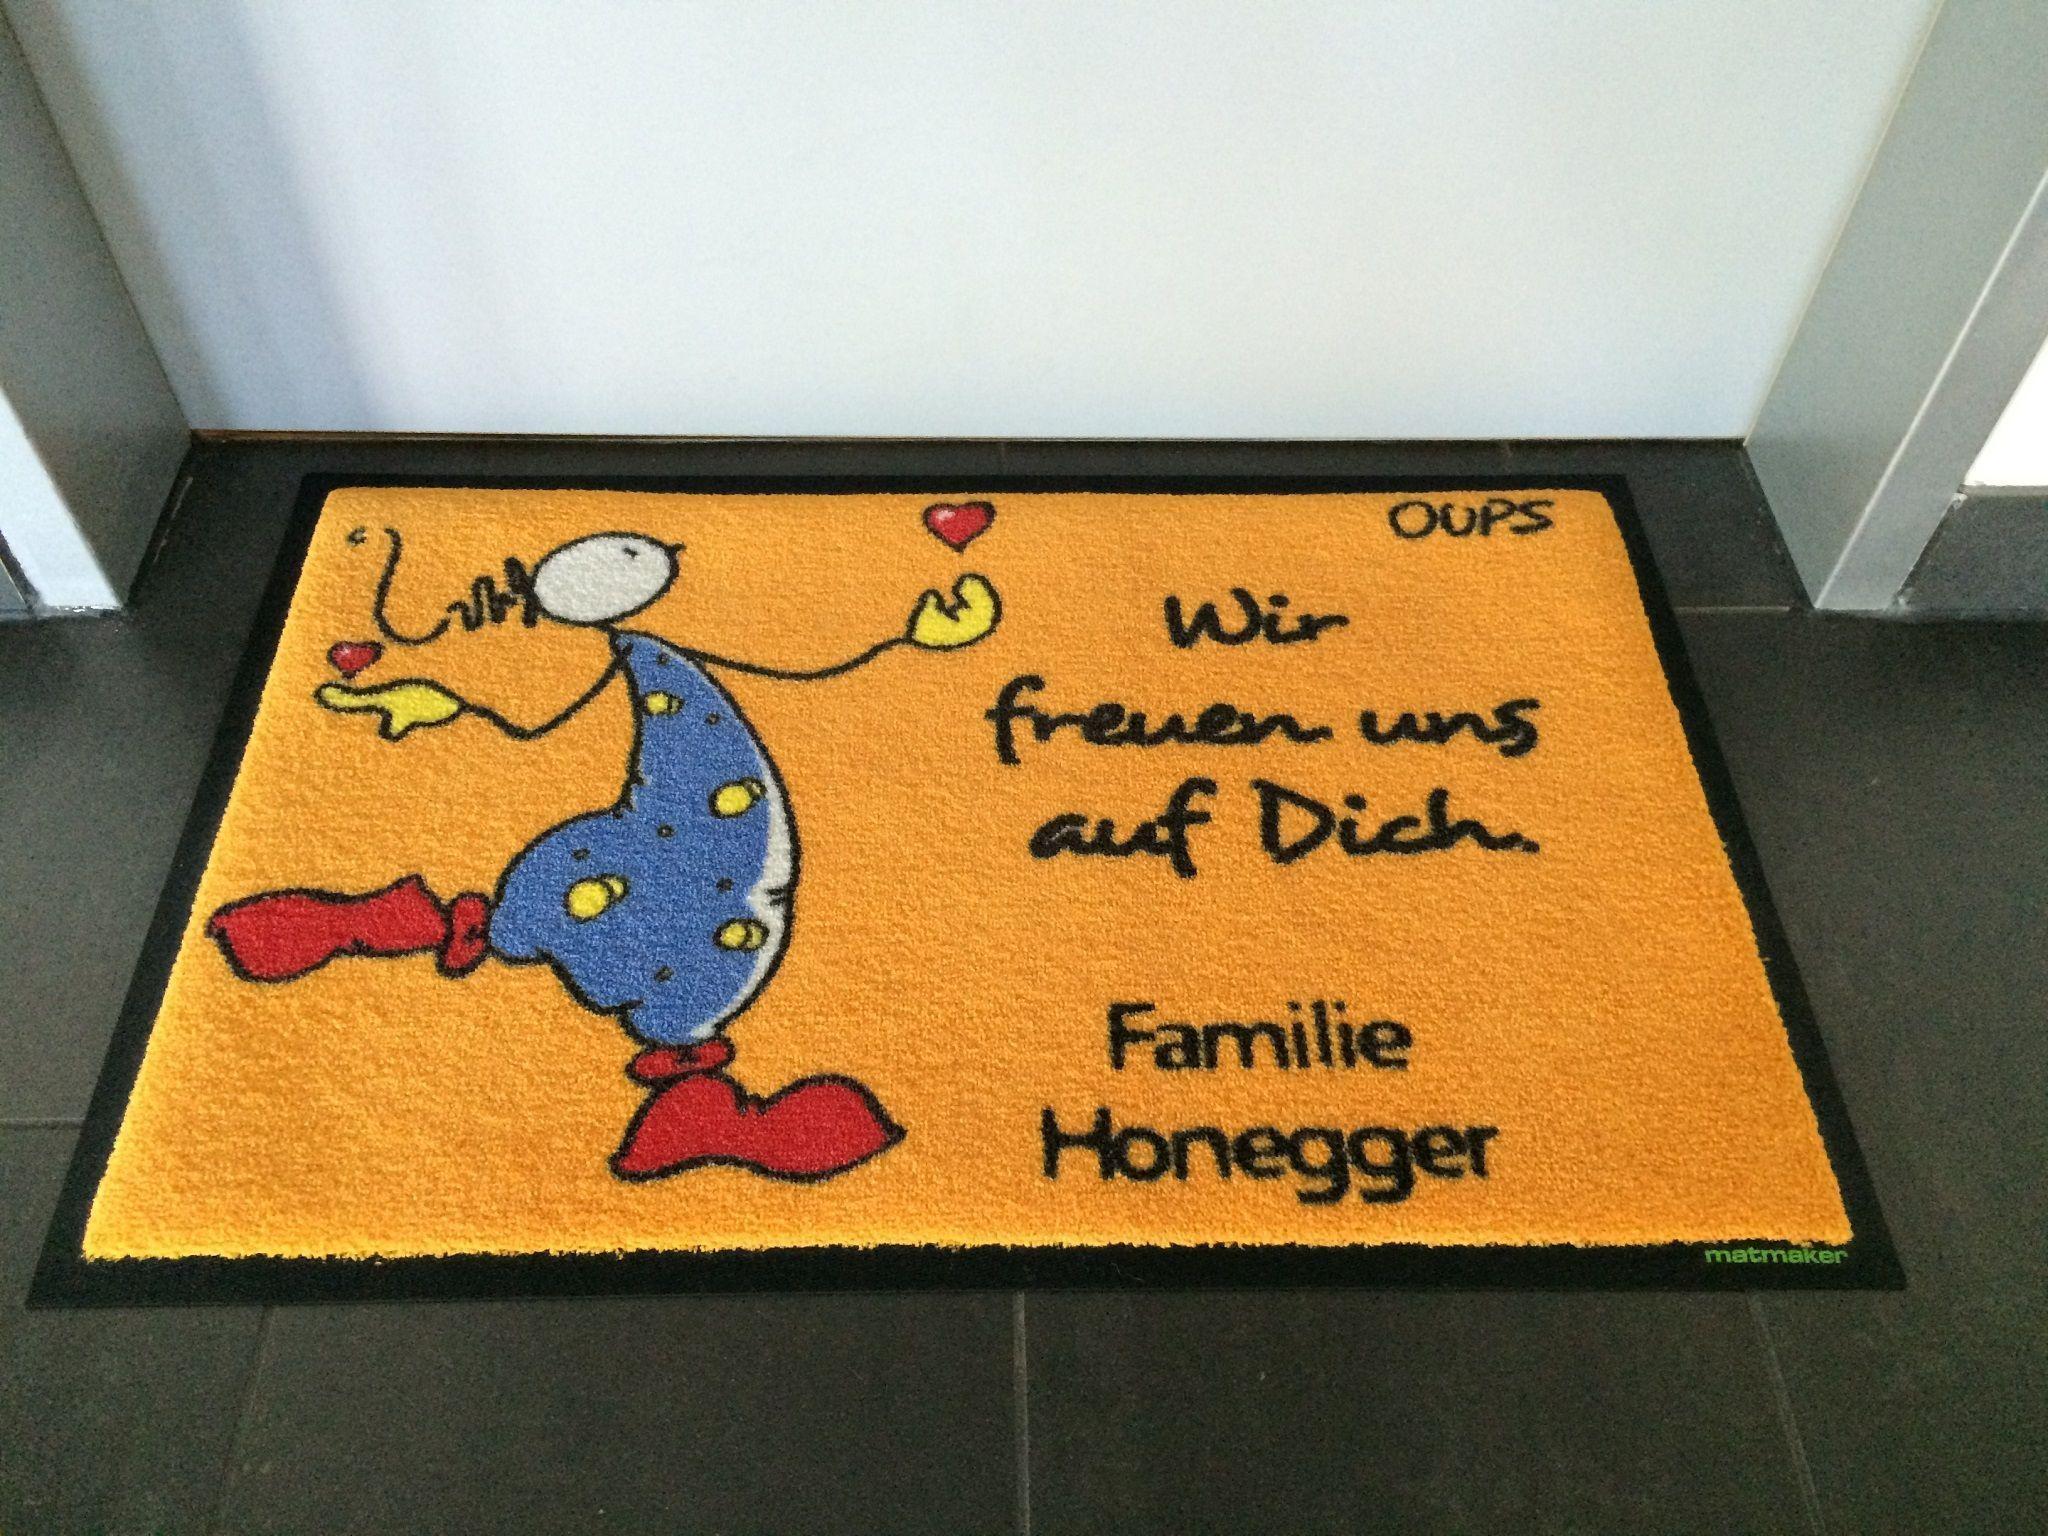 Oups-Fußmatte: Wir freuen uns auf Dich.